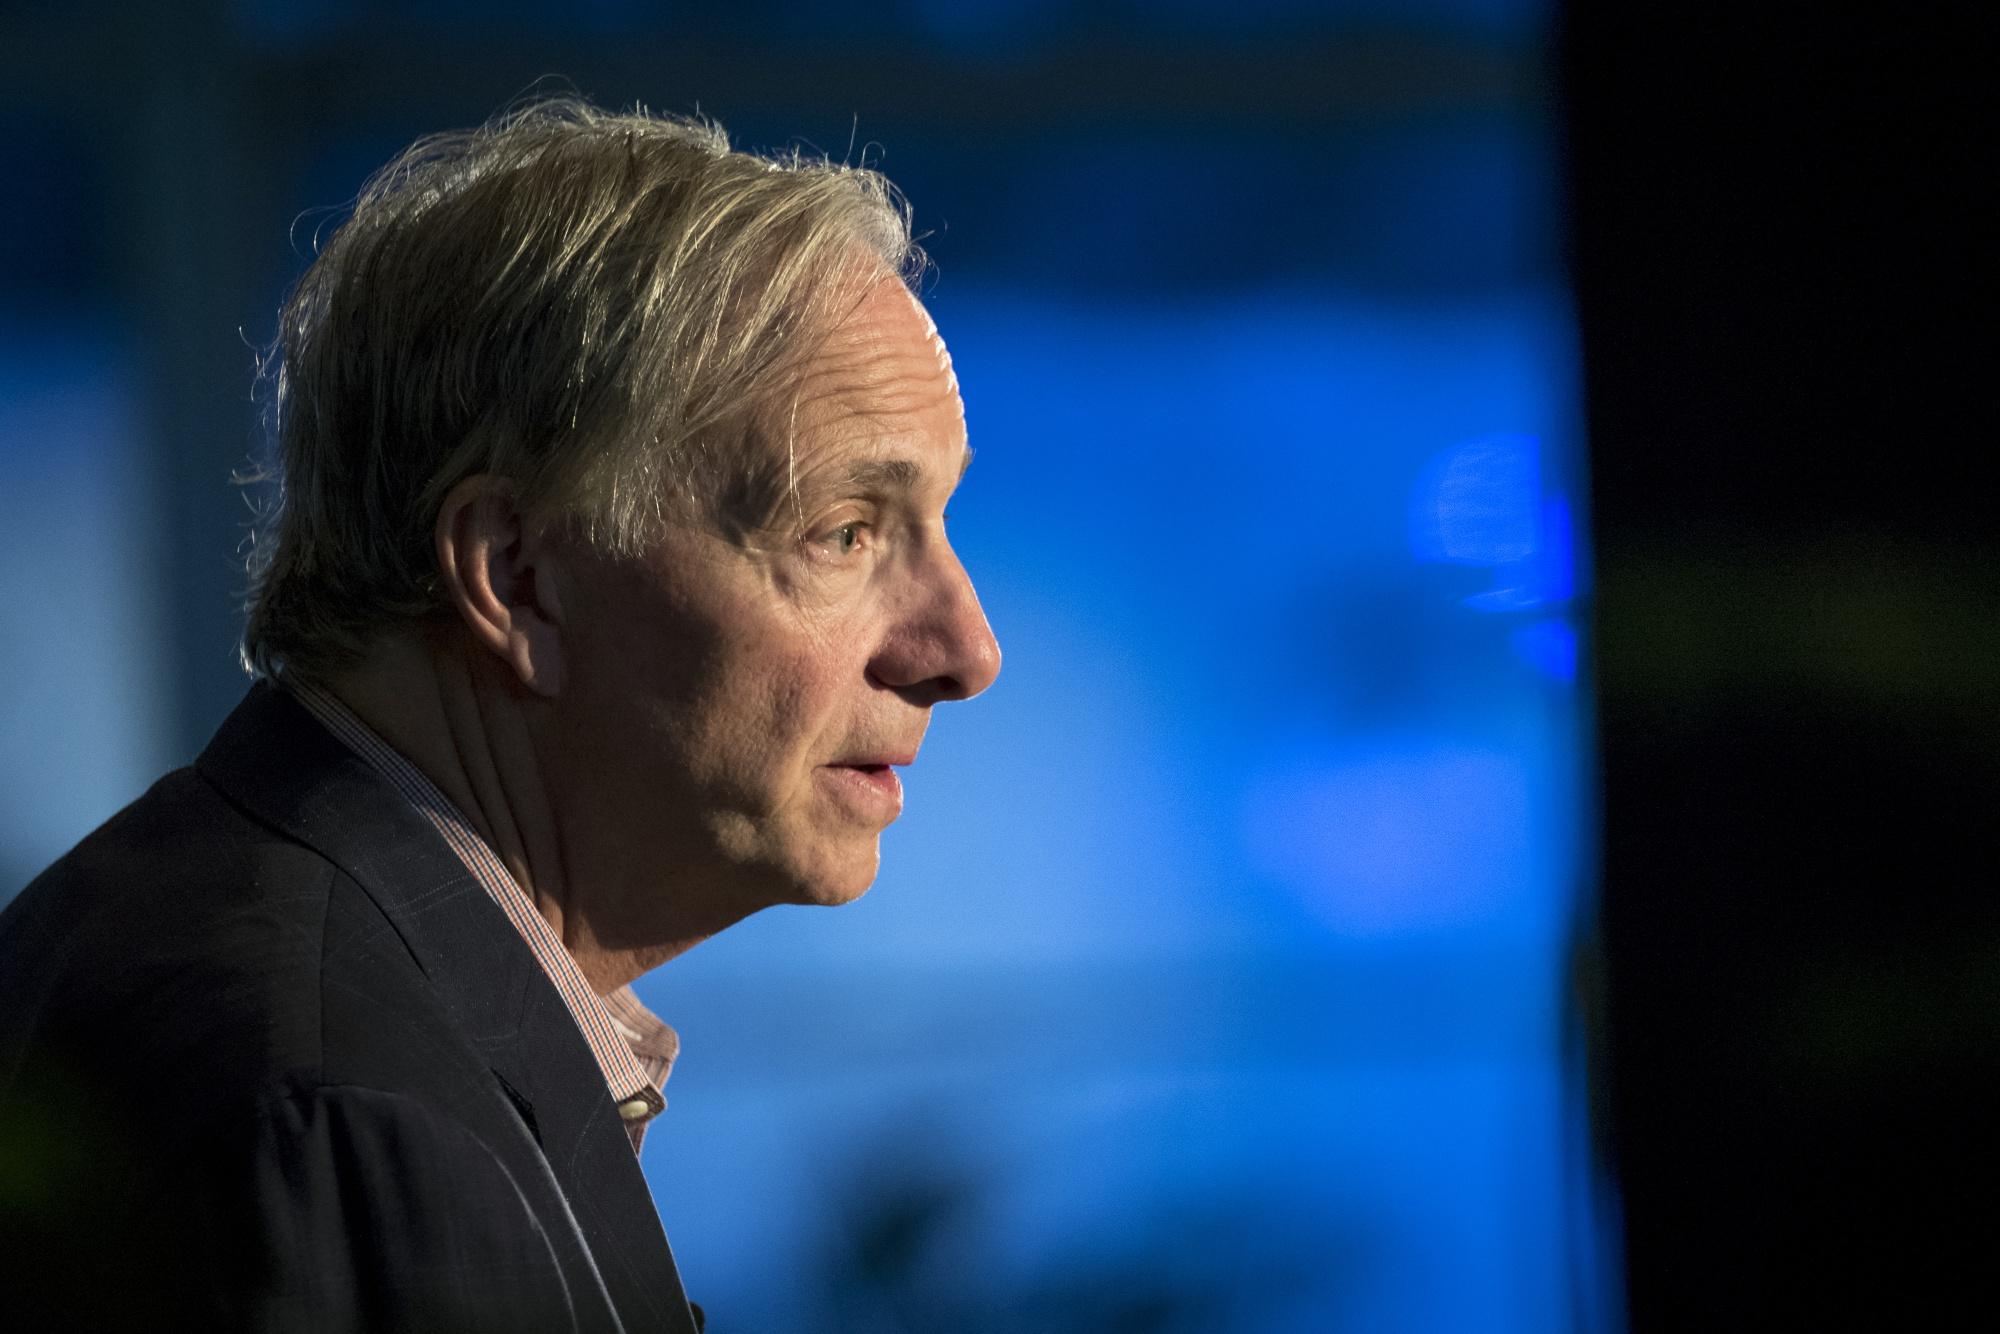 ダリオ氏の一族とヘッジファンドが11億円寄付-ウイルス対策支援 - Bloomberg